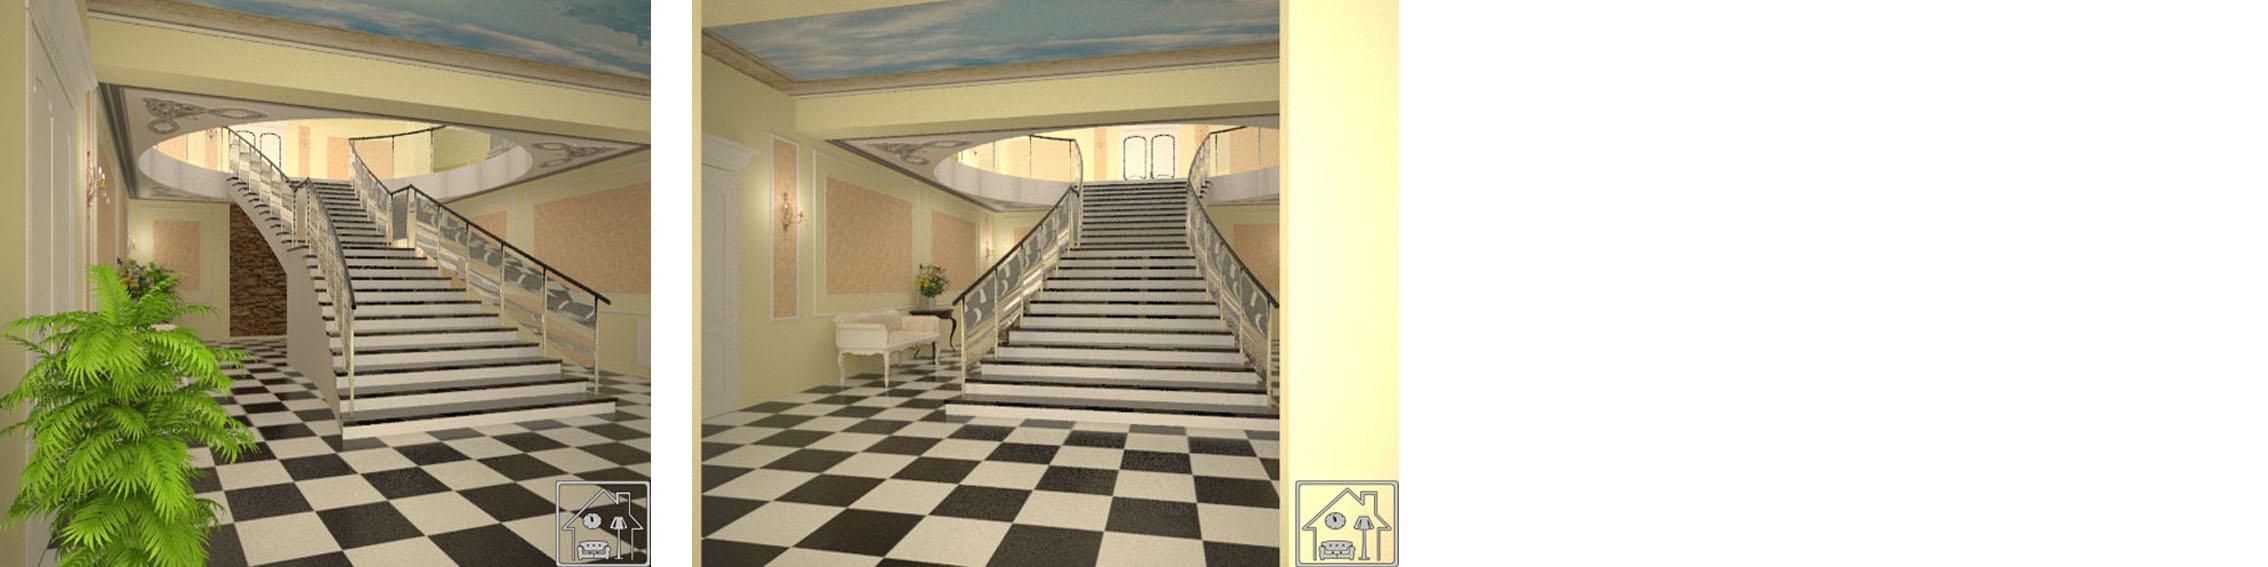 Дворец бракосочетания_г_Реутов 1 этаж 3